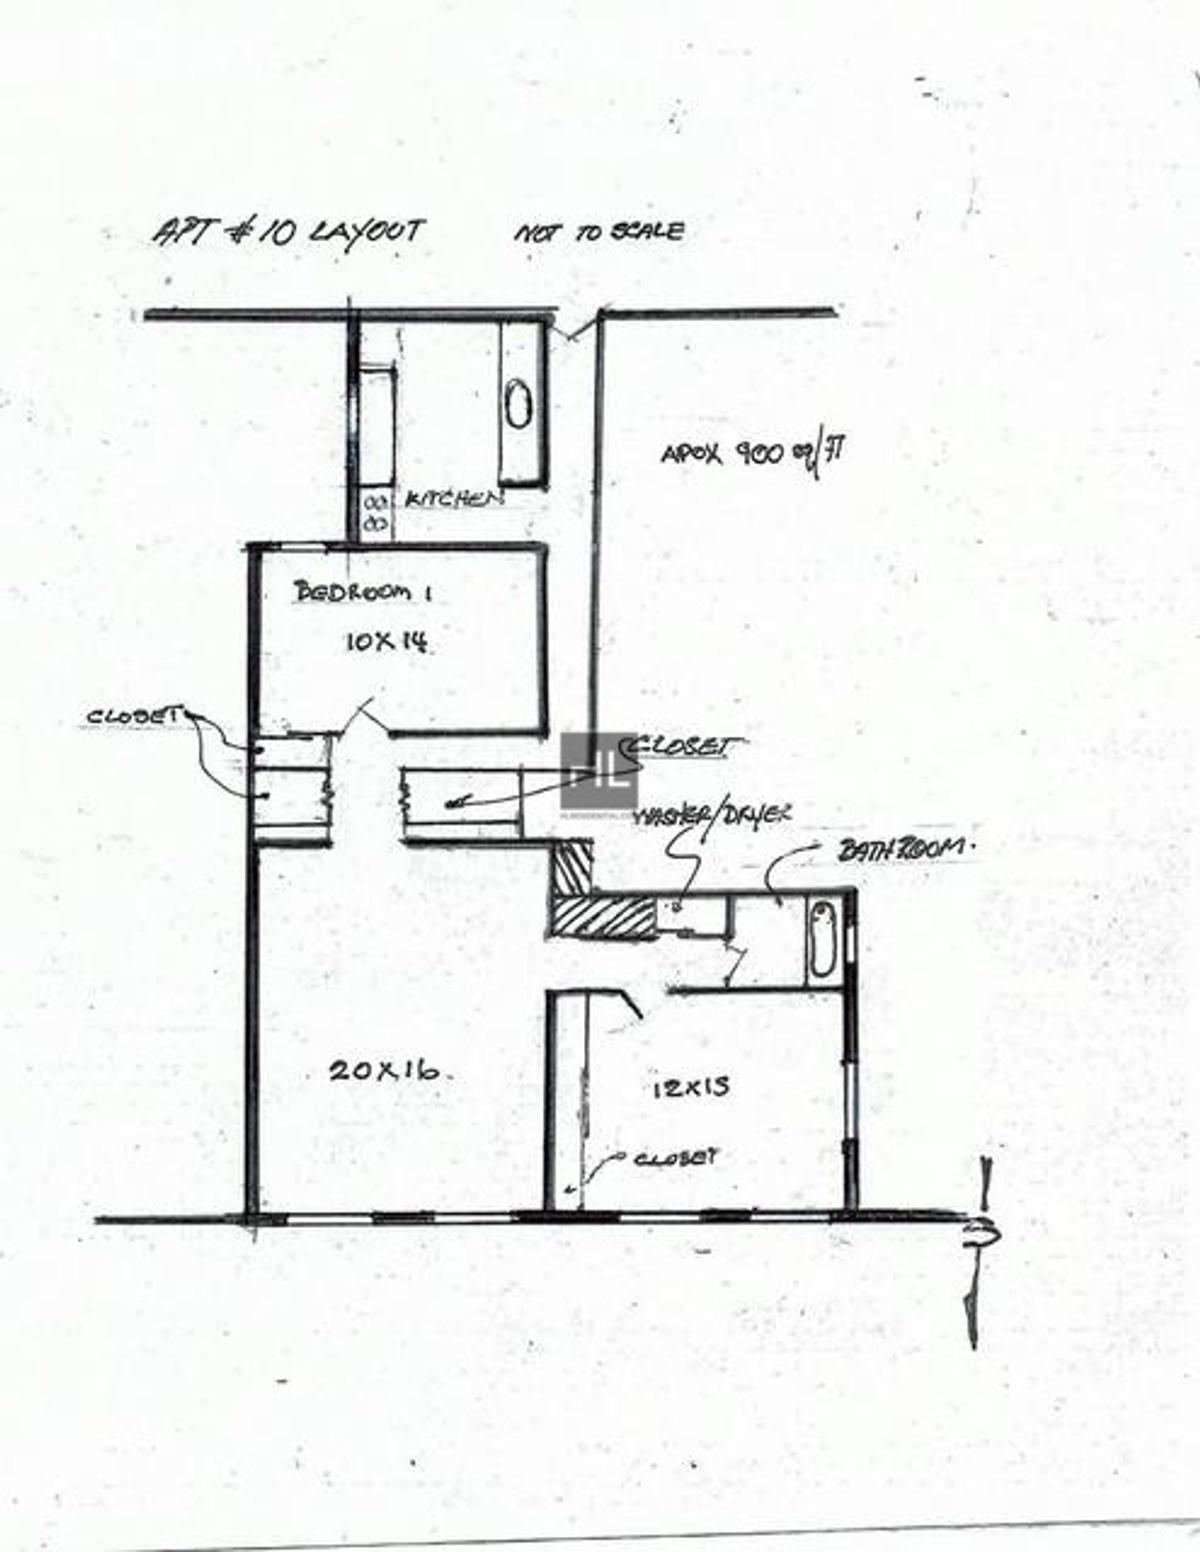 Image #7